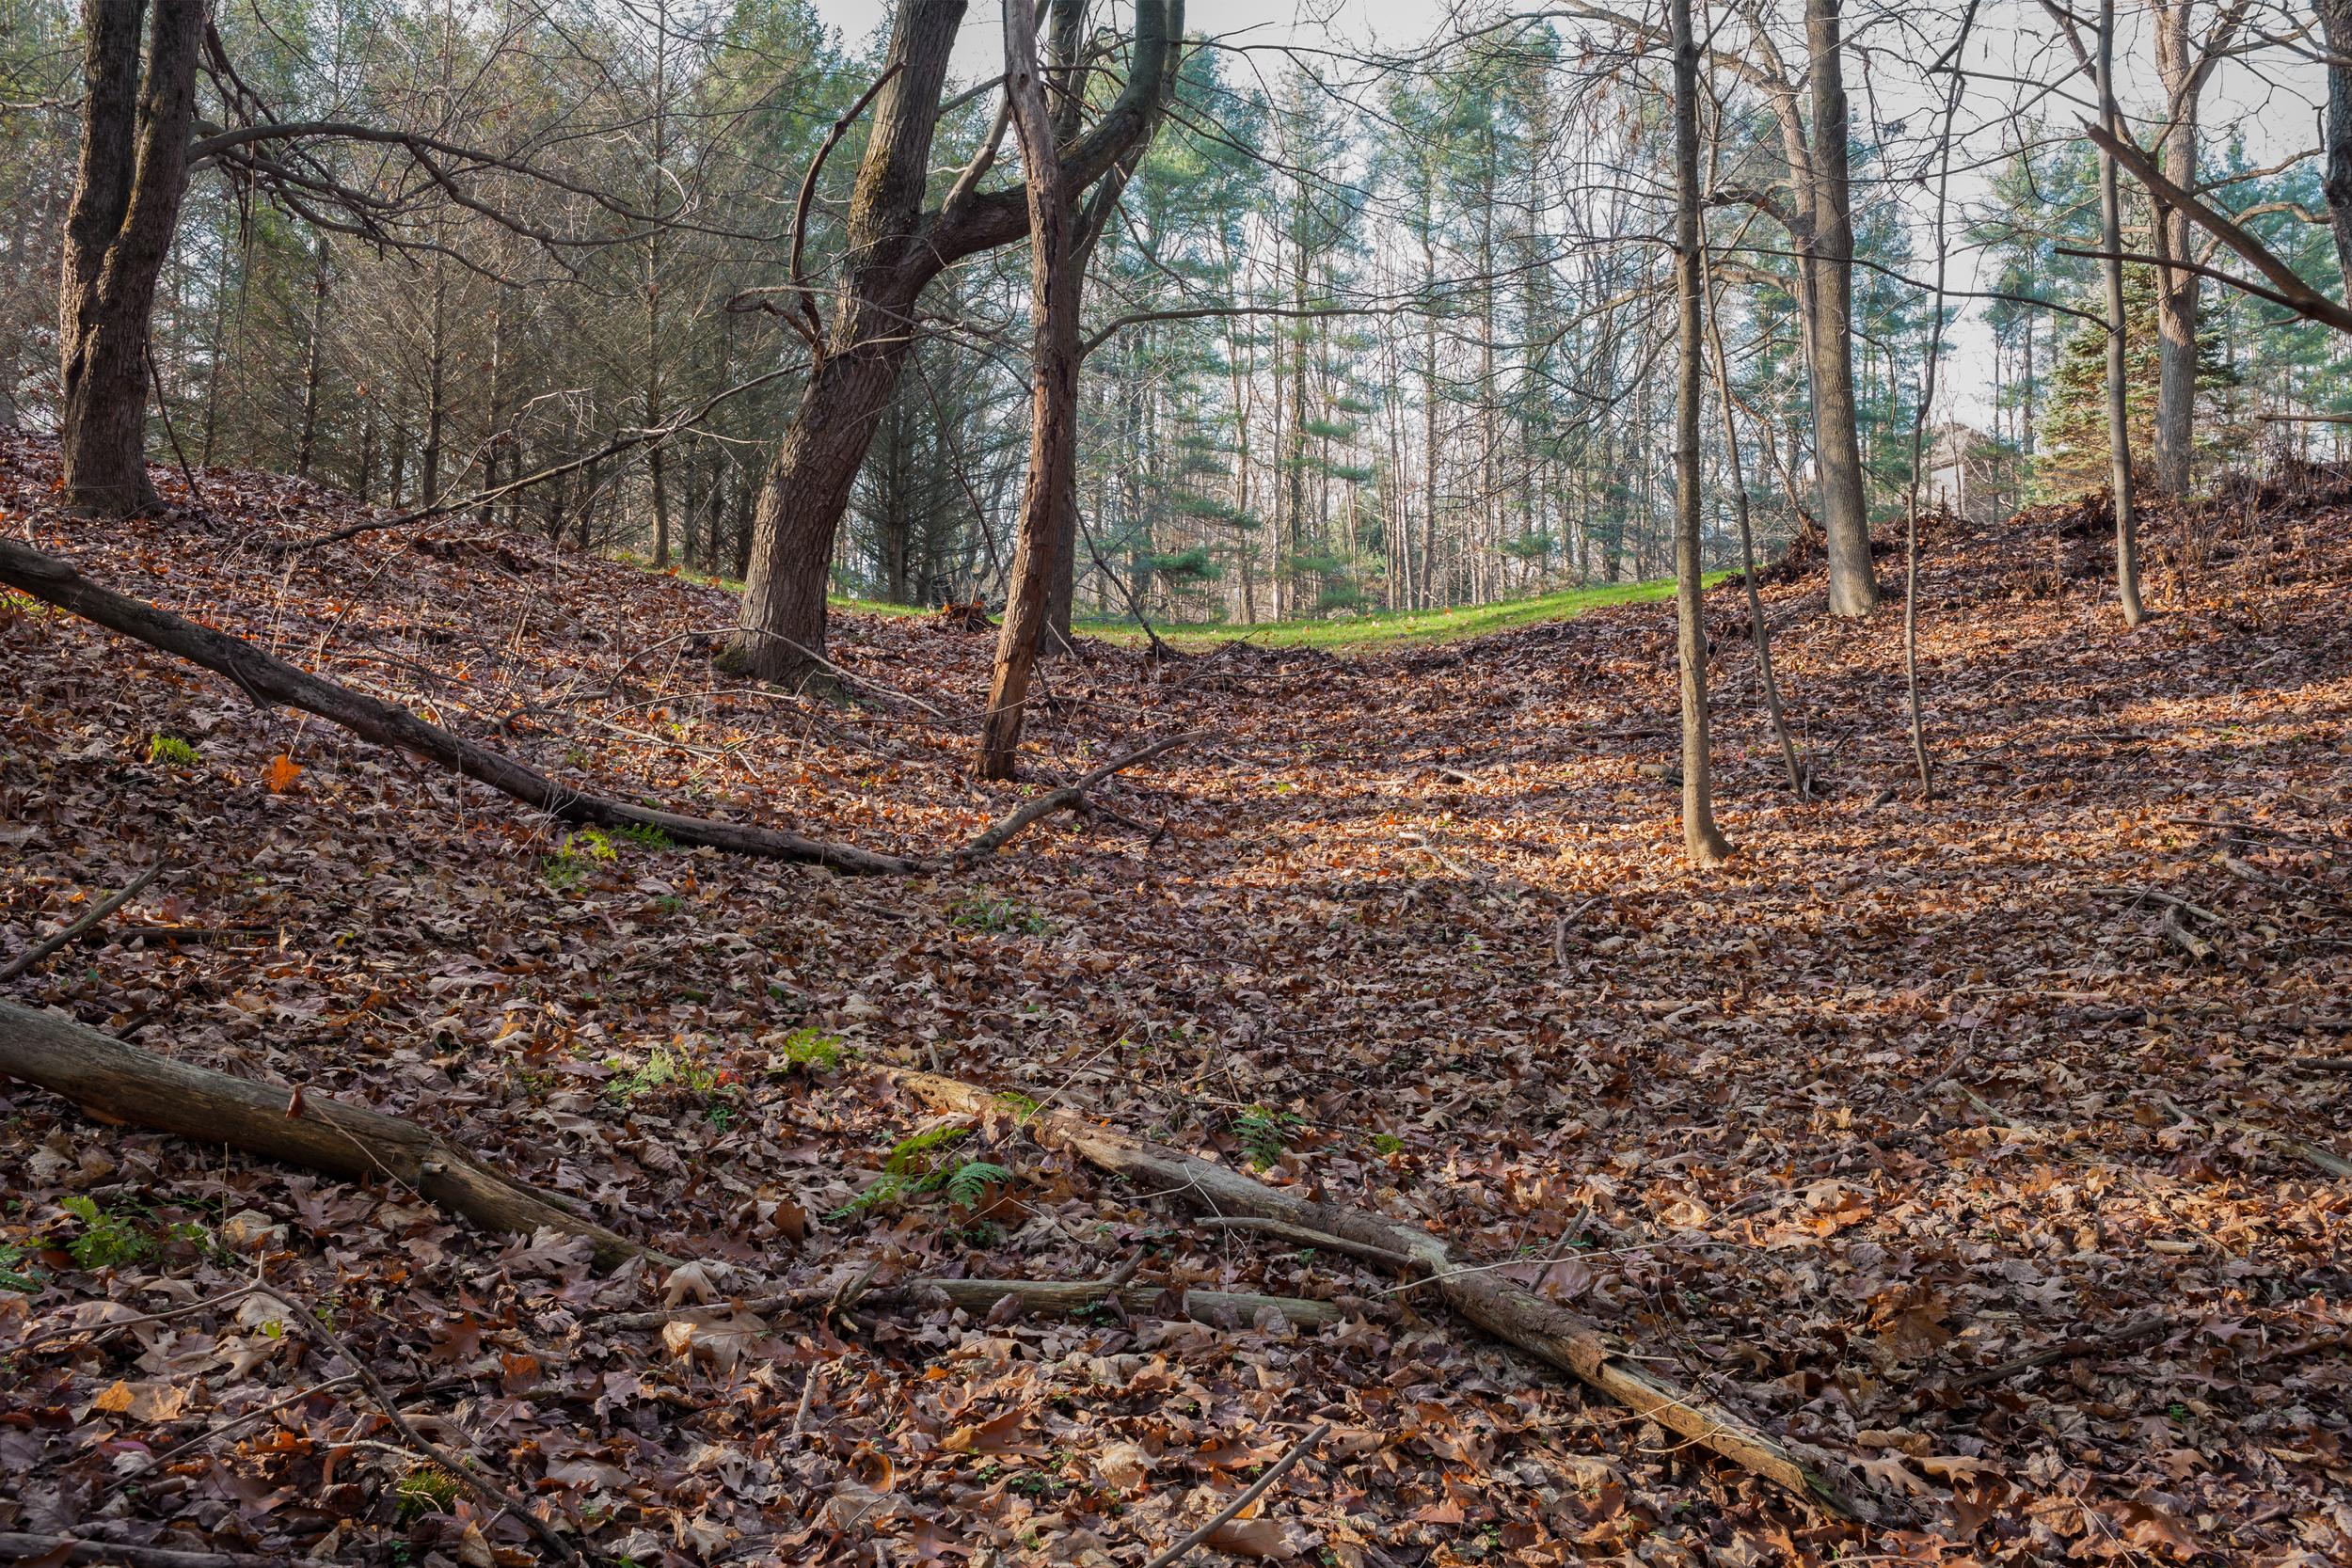 Boundary Line of Landlocked Bentley Woods Preserve